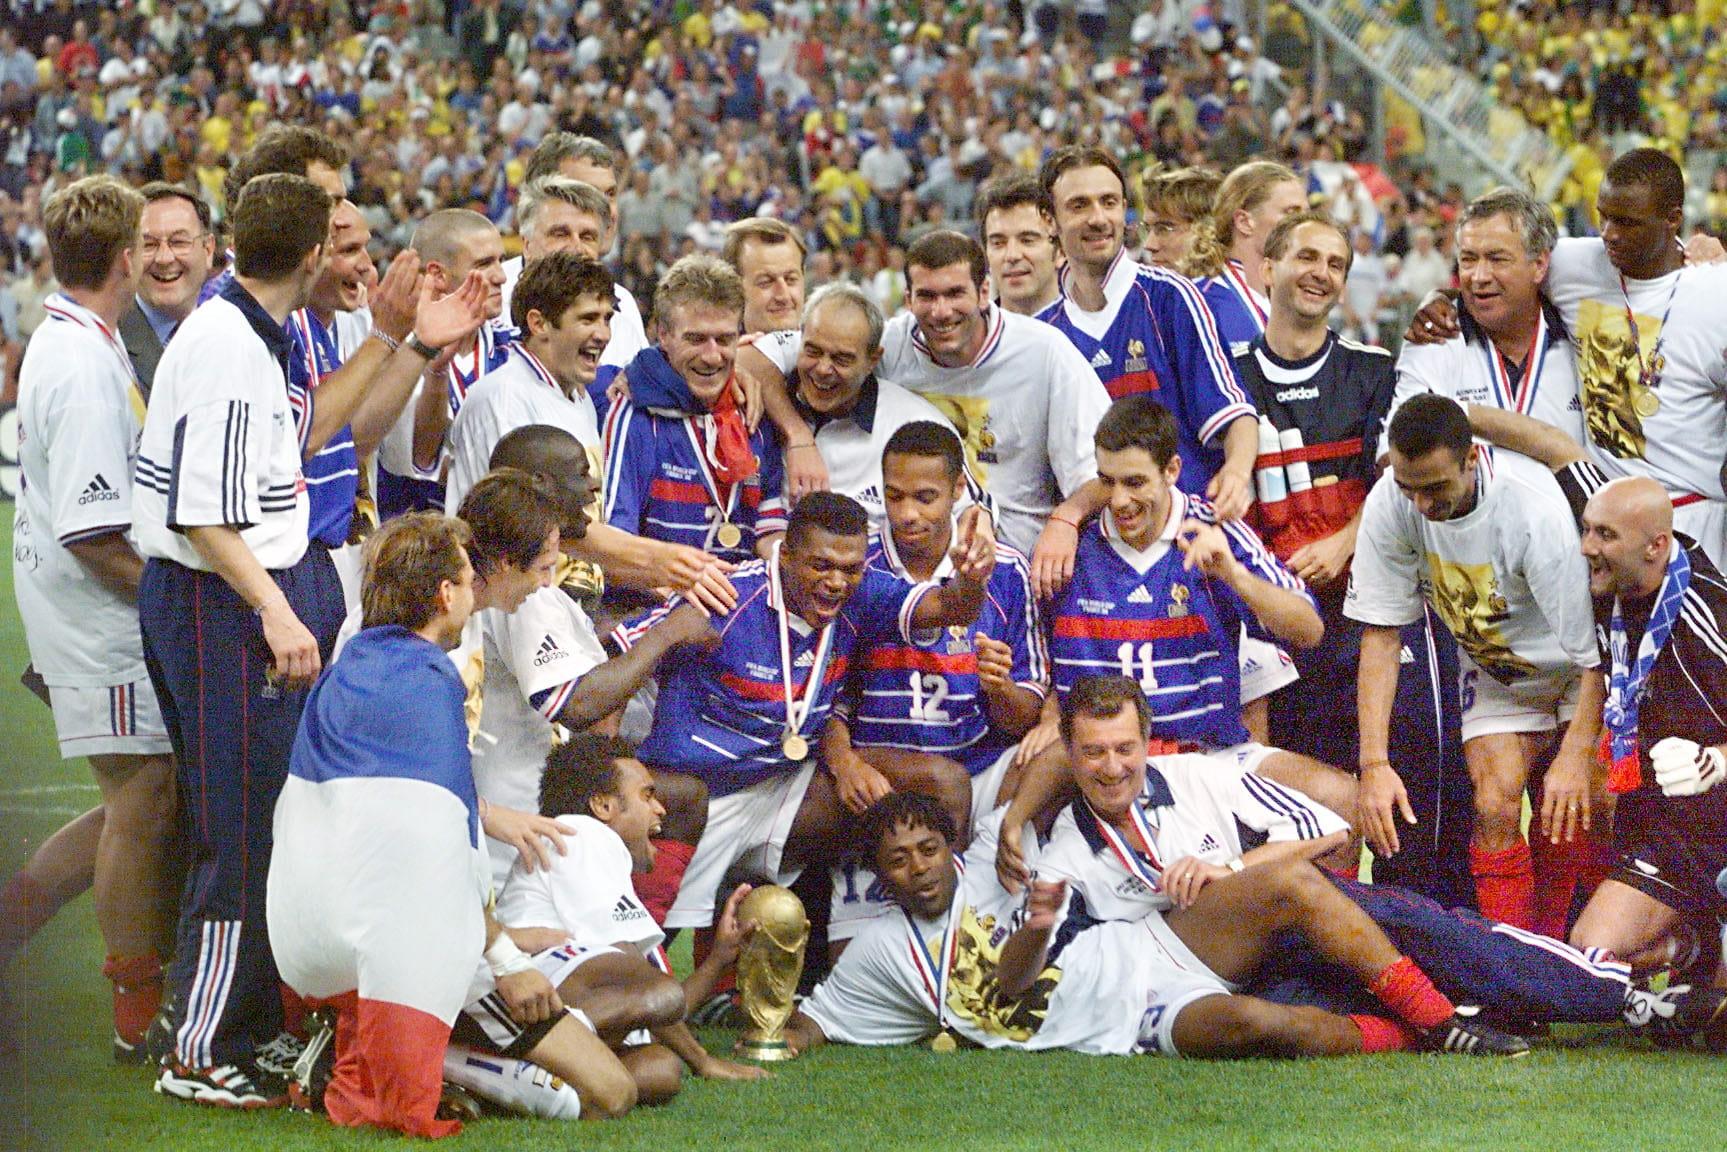 Les bleus champions du monde en 1998 vos plus grands moments du sport fran ais linternaute - Coupe du monde foot 1998 ...